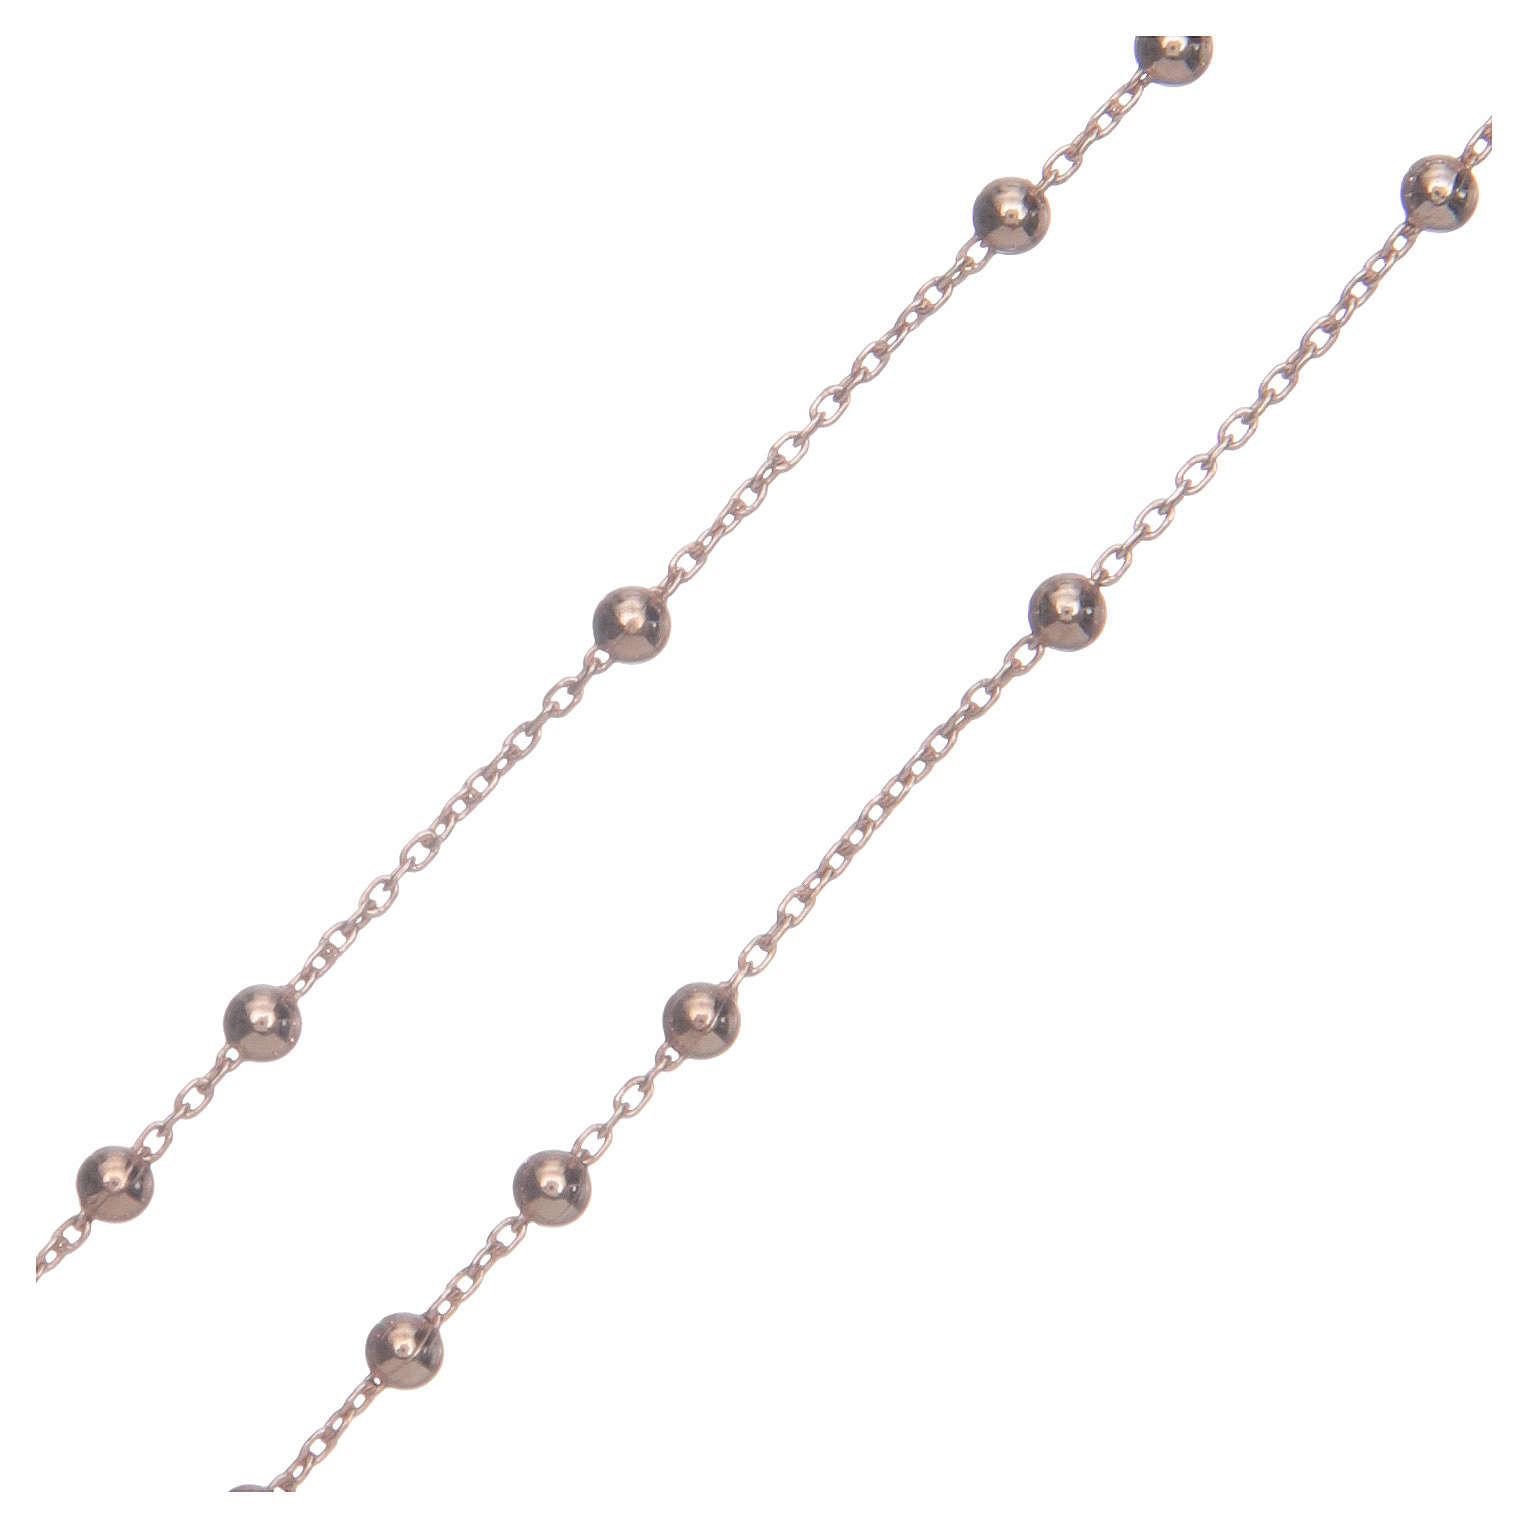 Rosary Necklace AMEN classic silver 925, Rosè finish 4